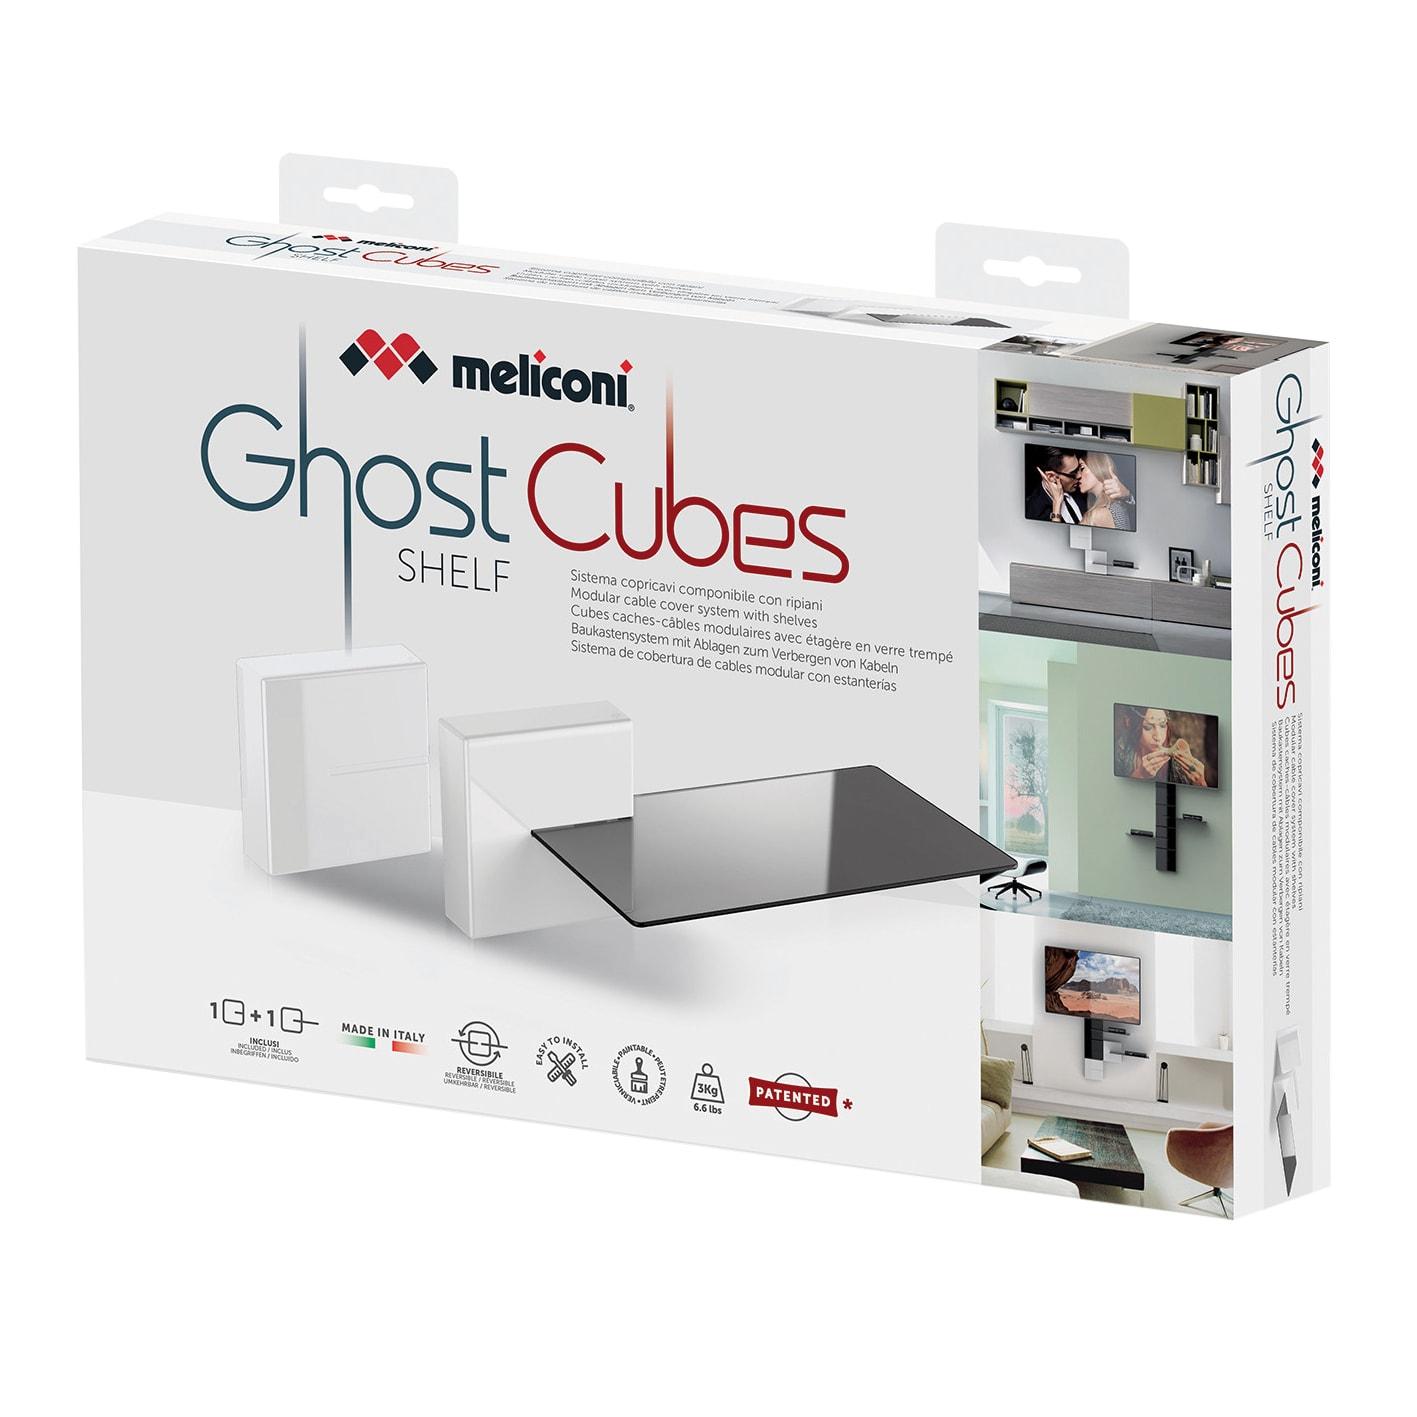 Meliconi Porta Tv Ghost Prezzi.Copricavi Ghost Cubes Shelf Plastica